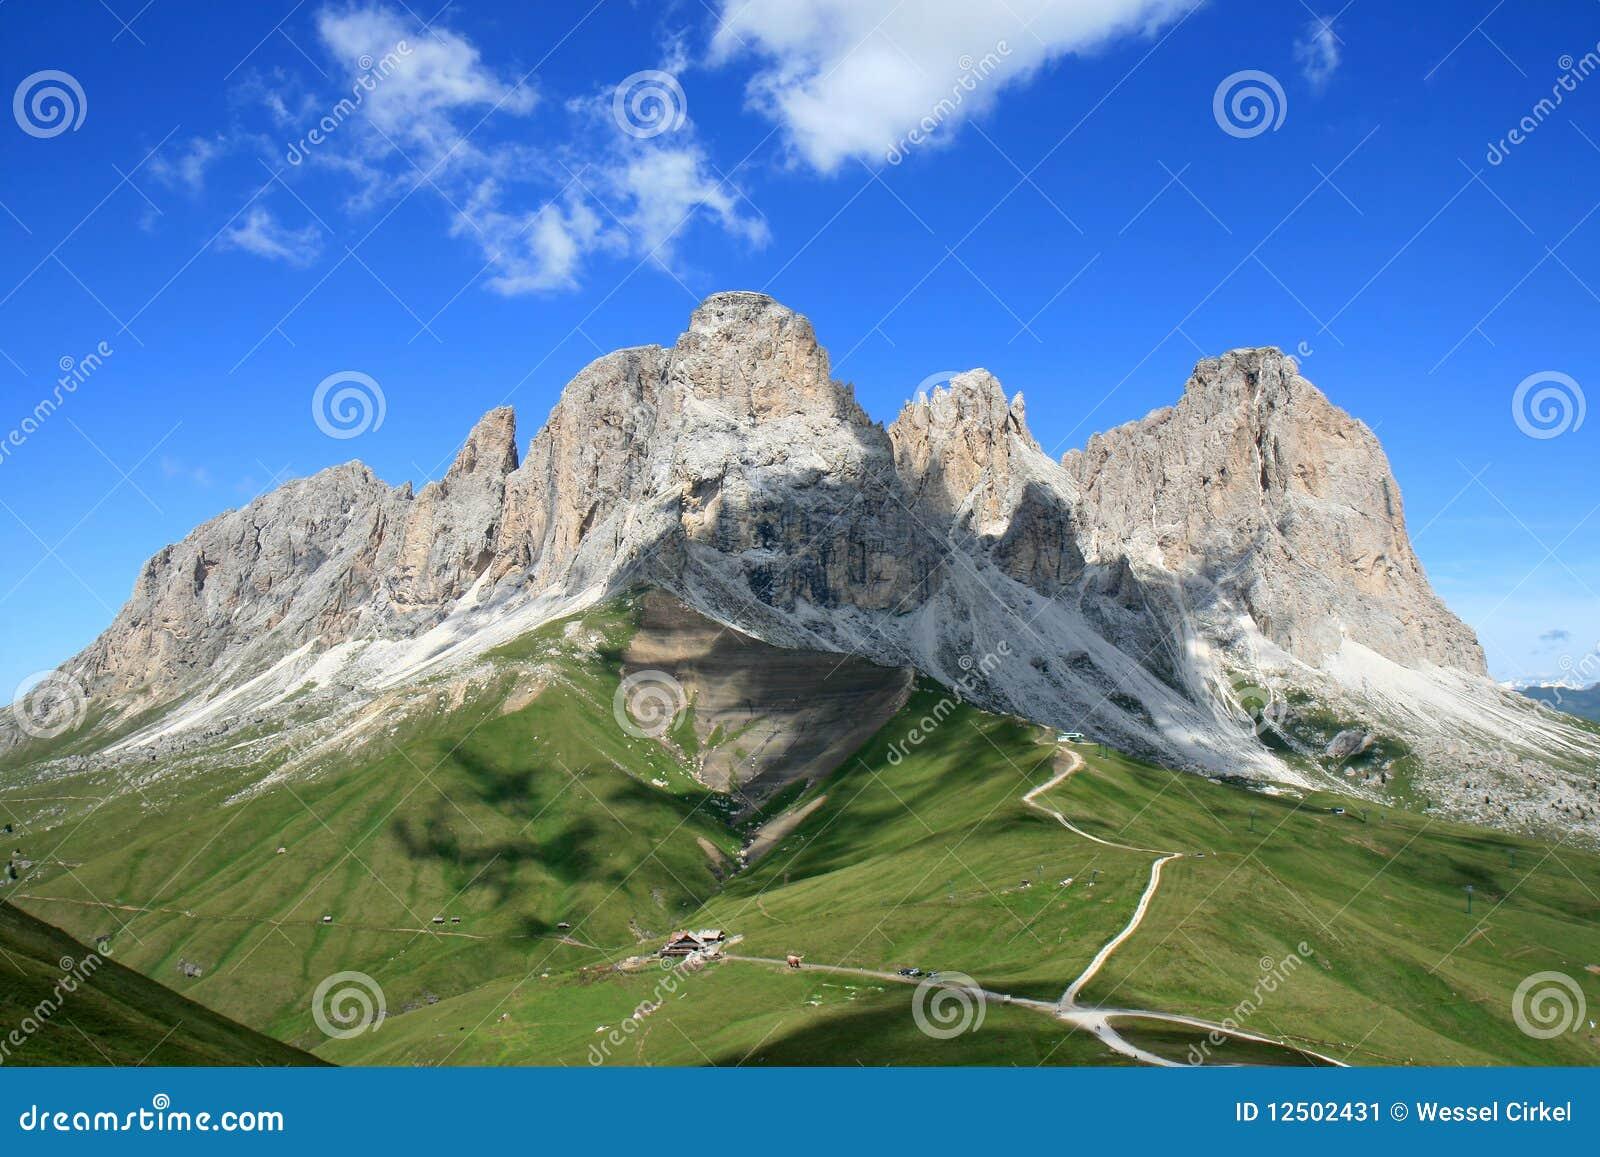 白云岩意大利断层块sassolungo视图